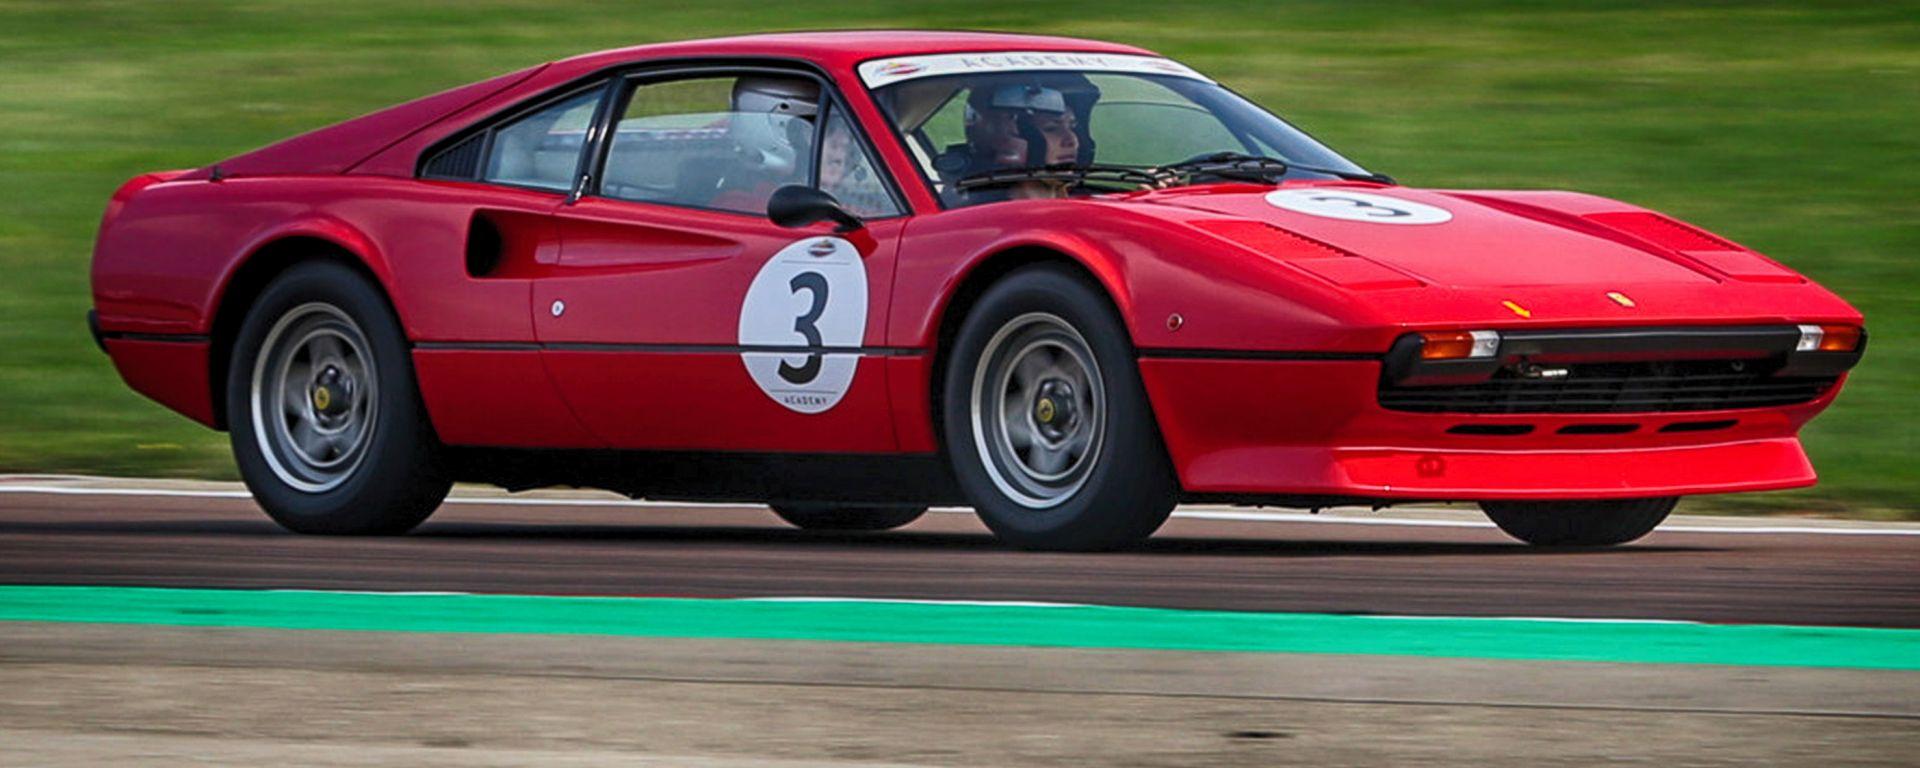 Ferrari Classiche Academy: il corso di guida con le storiche